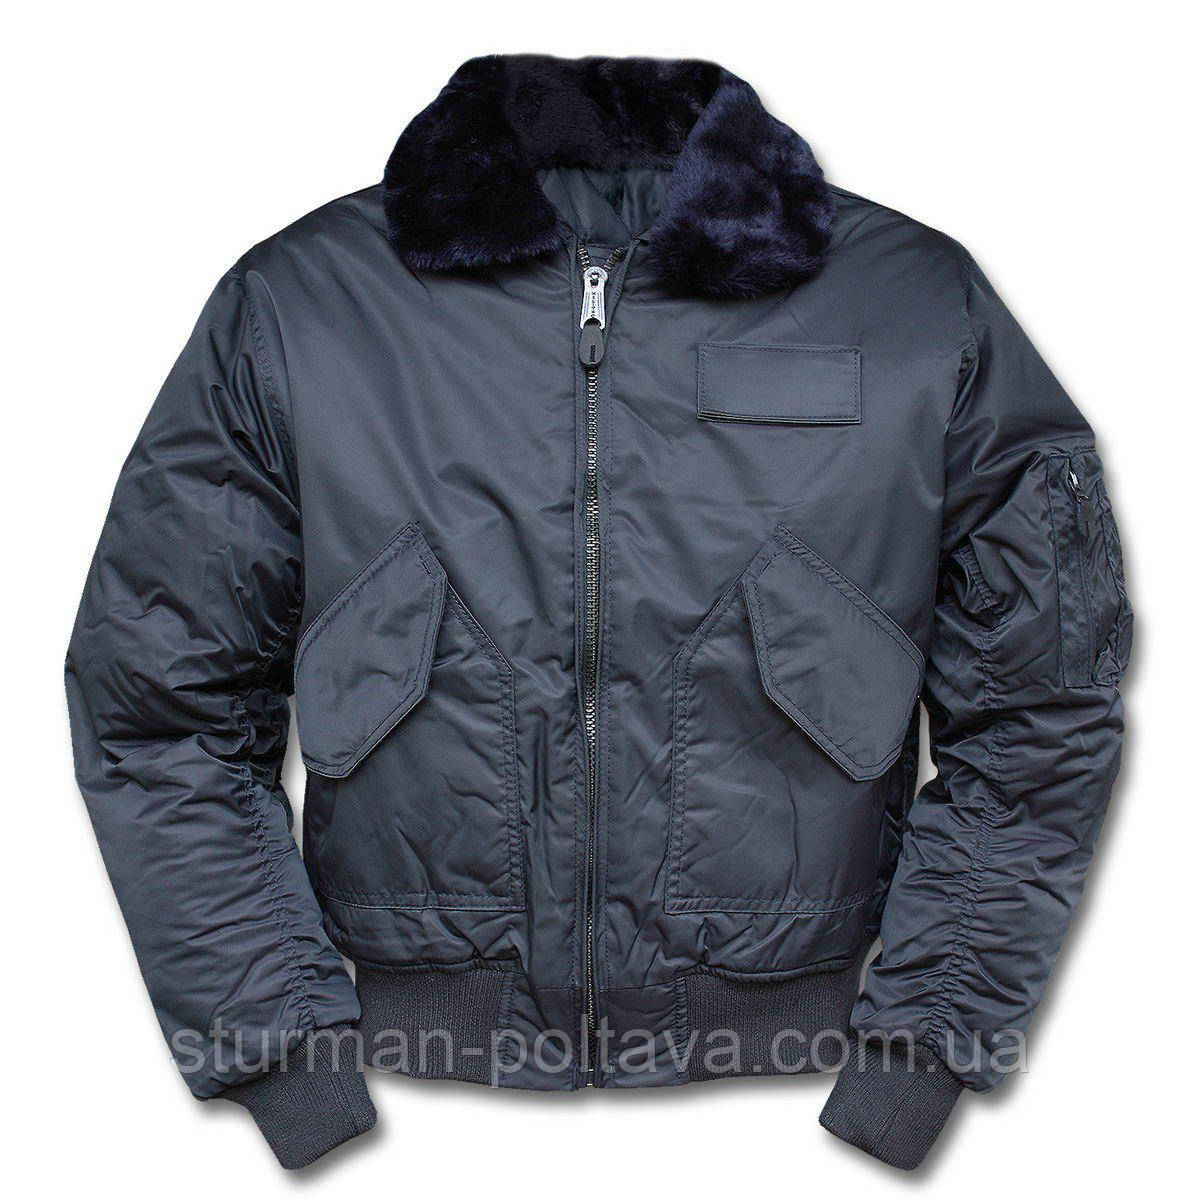 Куртка  мужская  лётная  зимняя    CWU-45 SWAT  JACKE M.ABNEHMB.  B15 цвет   синий    Mil-Tec Германия